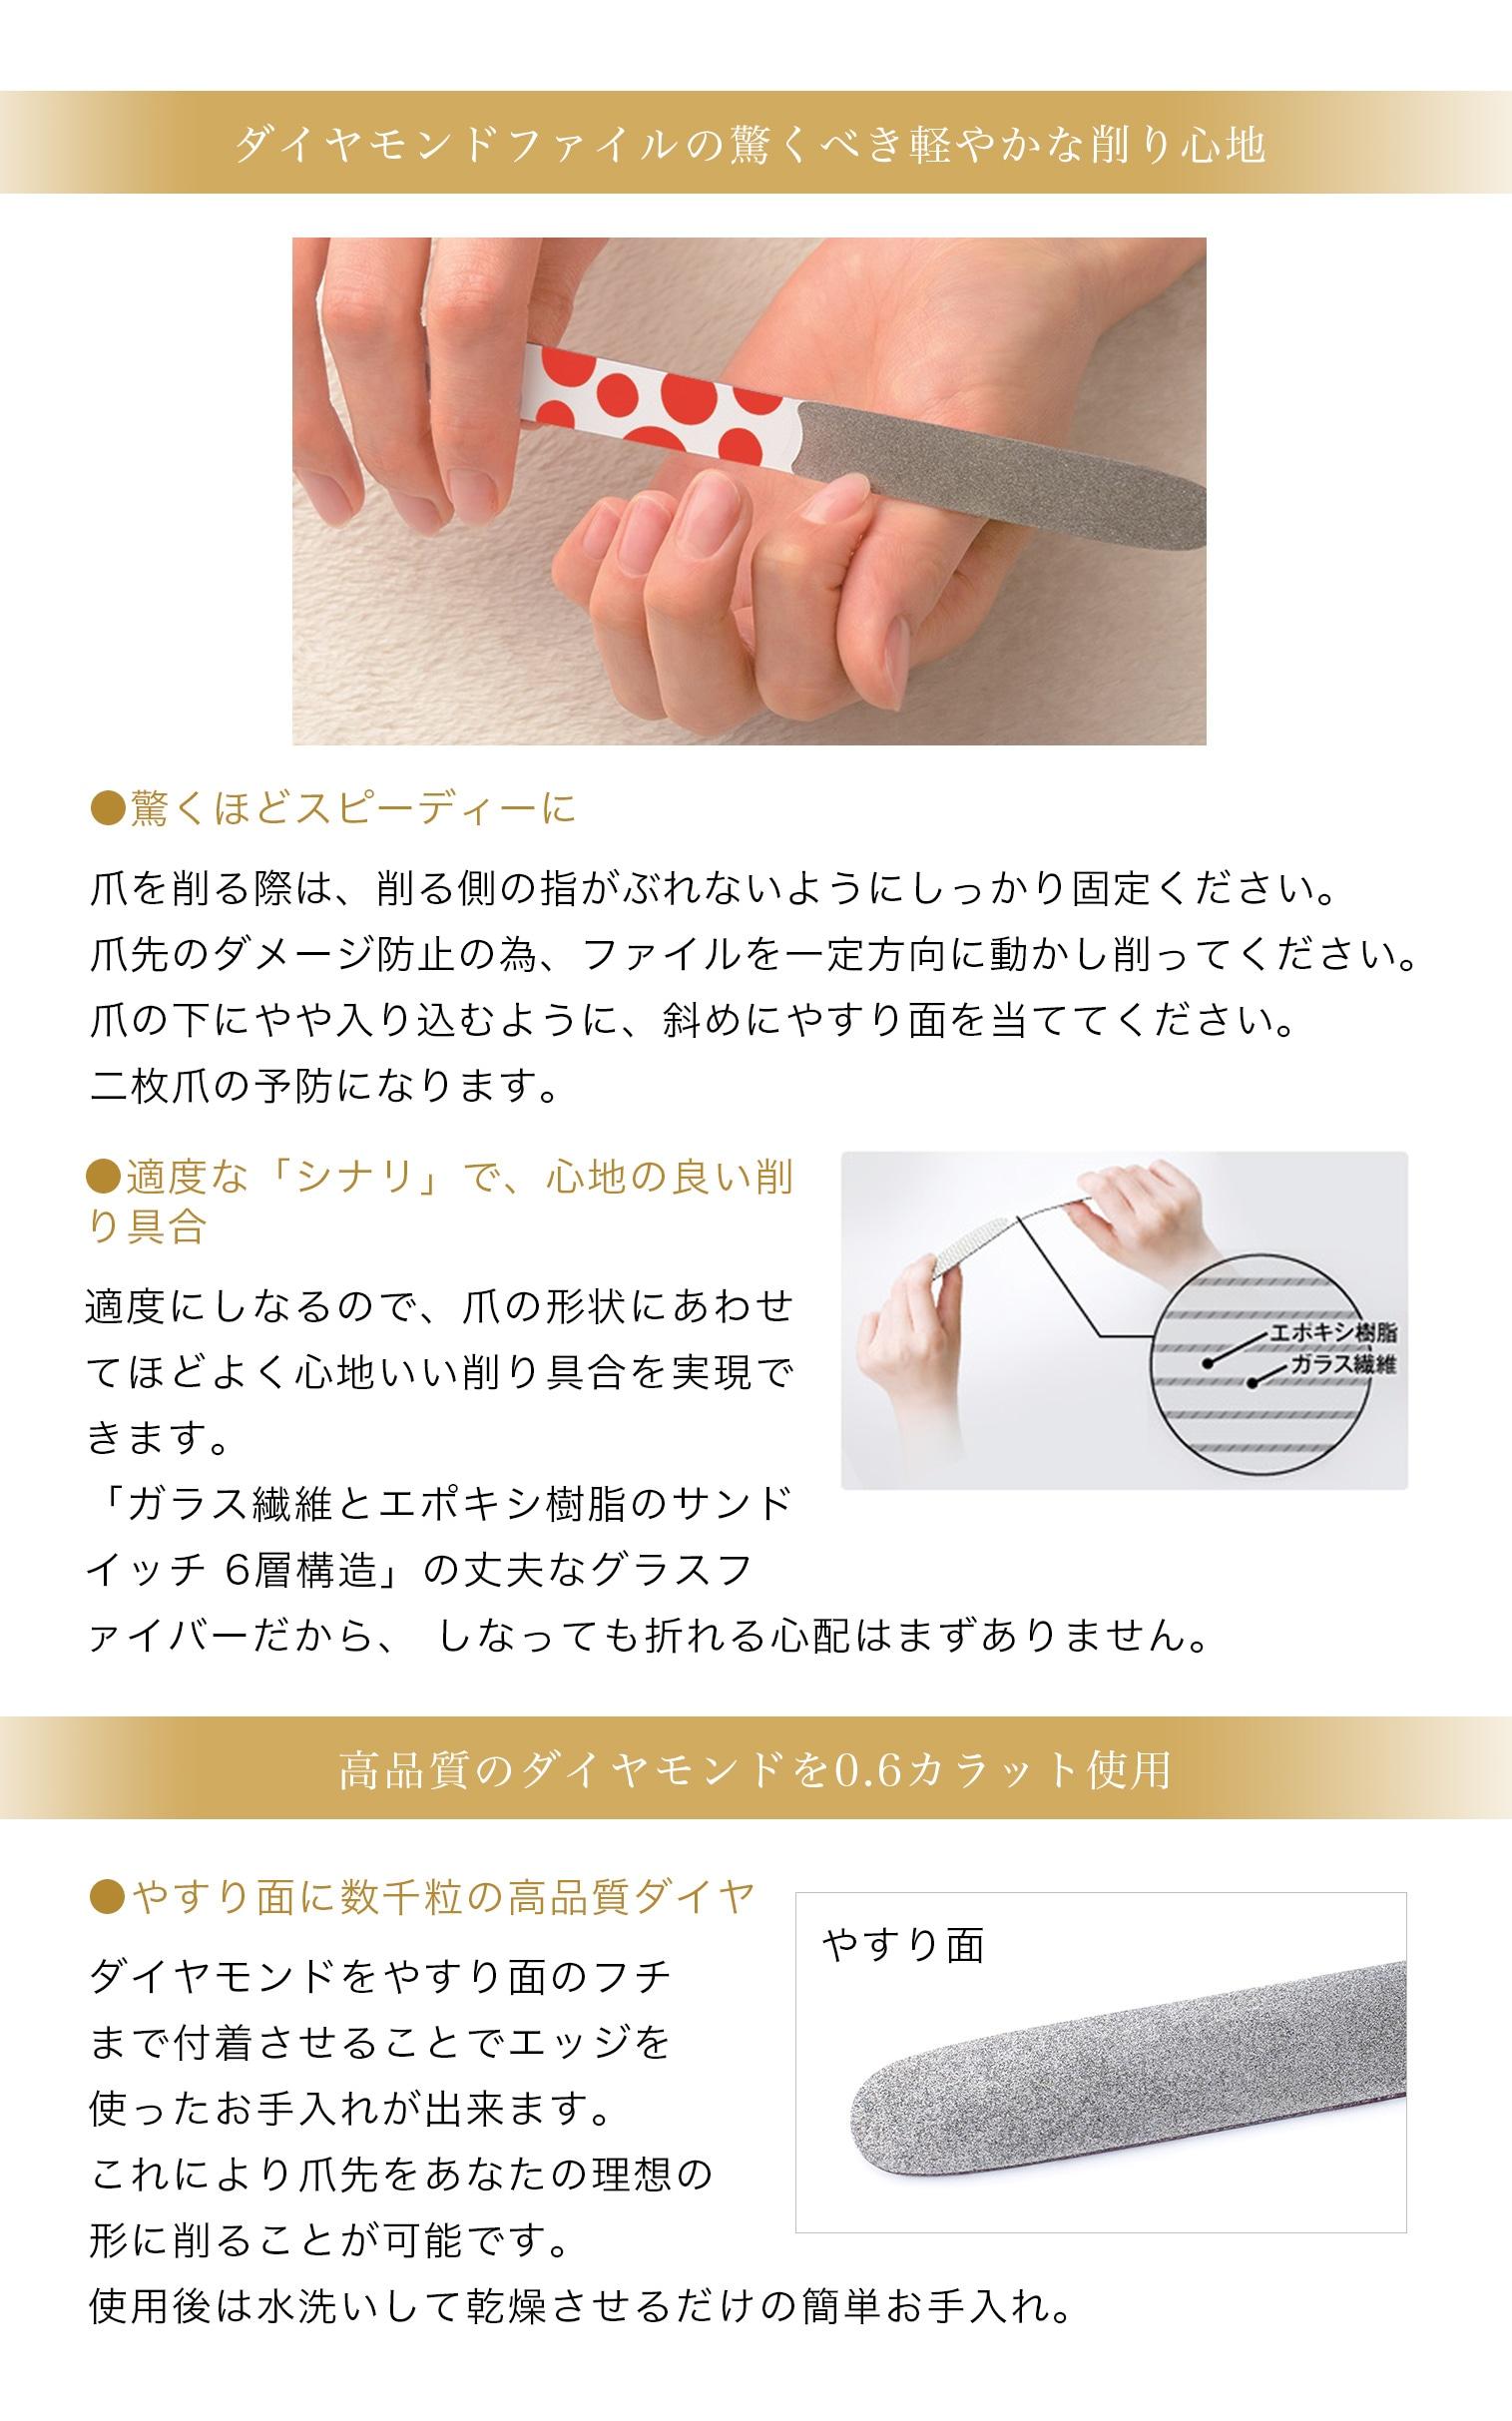 ダイヤモンドファイルの驚くべき軽やかな削り心地●驚くほどスピーディーに爪を削る際は、削る側の指がぶれないようにしっかり固定ください。爪先のダメージ防止の為、ファイルを一定方向に動かし削ってください。爪の下にやや入り込むように、斜めにやすり面を当ててください。二枚爪の予防になります。適度な「シナリ」で、心地の良い削り具合適度にしなるので、爪の形状にあわせてほどよく心地いい削り具合を実現できます。「ガラス繊維とエポキシ樹脂のサンドイッチ 6層構造」の丈夫なグラスファイバーだから、 しなっても折れる心配はまずありません。高品質のダイヤモンドを0.6カラット使用●やすり面に数千粒の高品質ダイヤダイヤモンドをやすり面のフチまで付着させることでエッジを使ったお手入れが出来ます。これにより爪先をあなたの理想の形に削ることが可能です。使用後は水洗いして乾燥させるだけの簡単お手入れ。